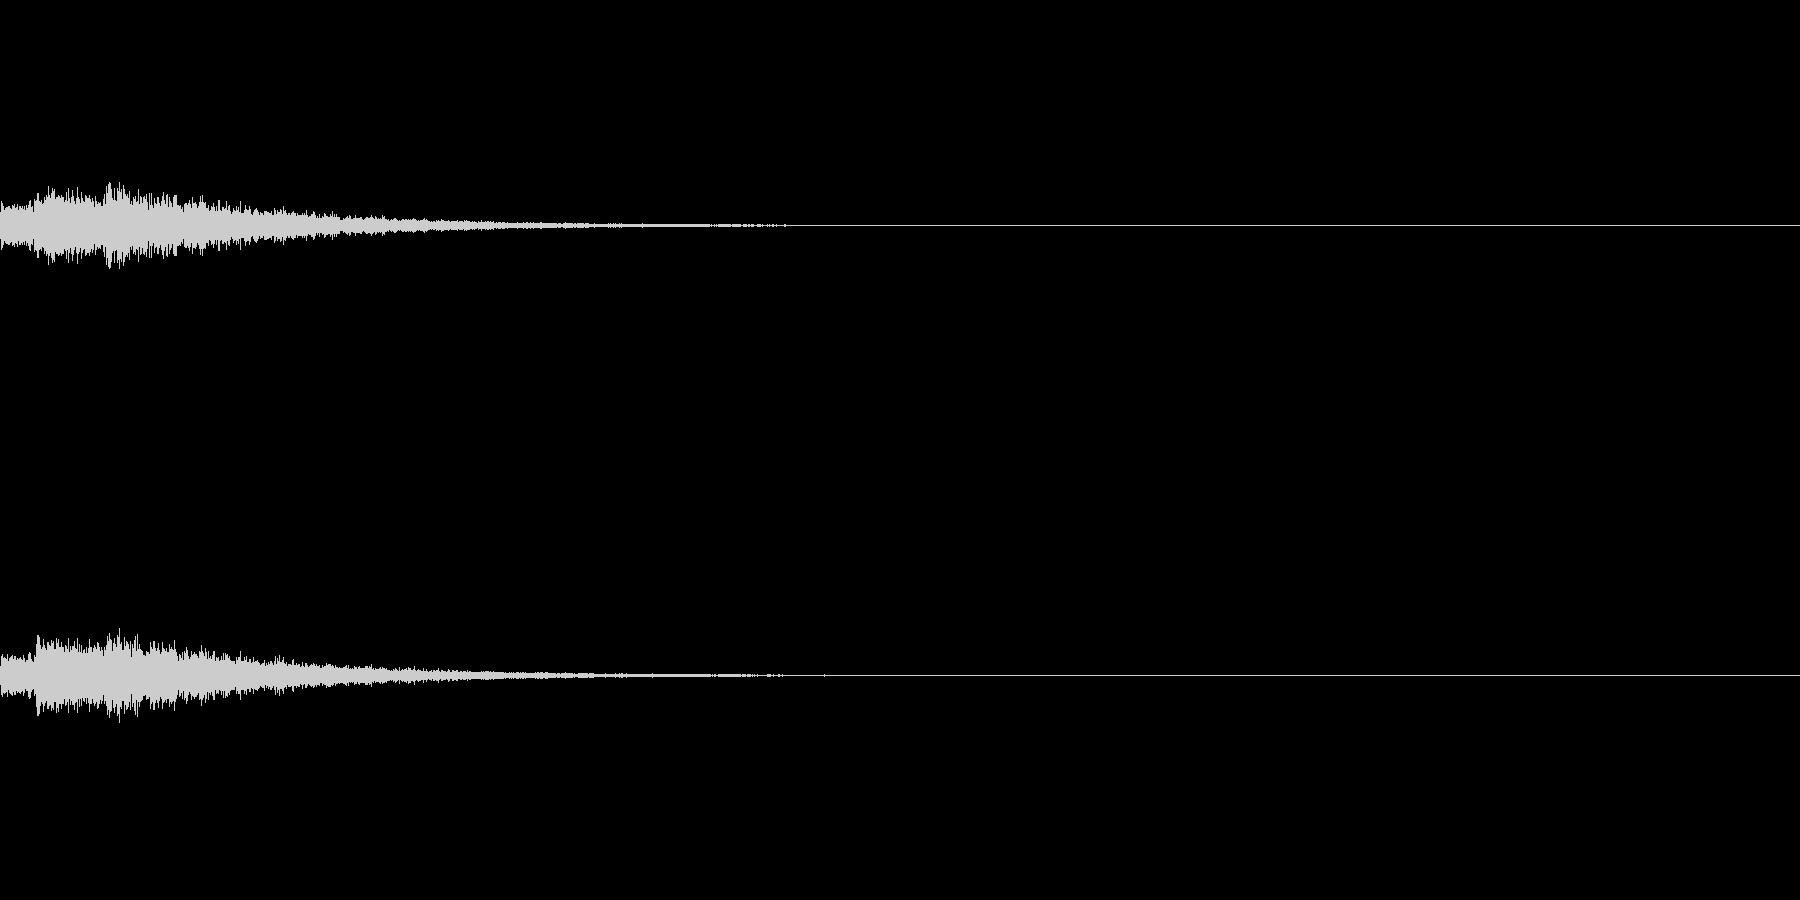 ベルの操作音の未再生の波形